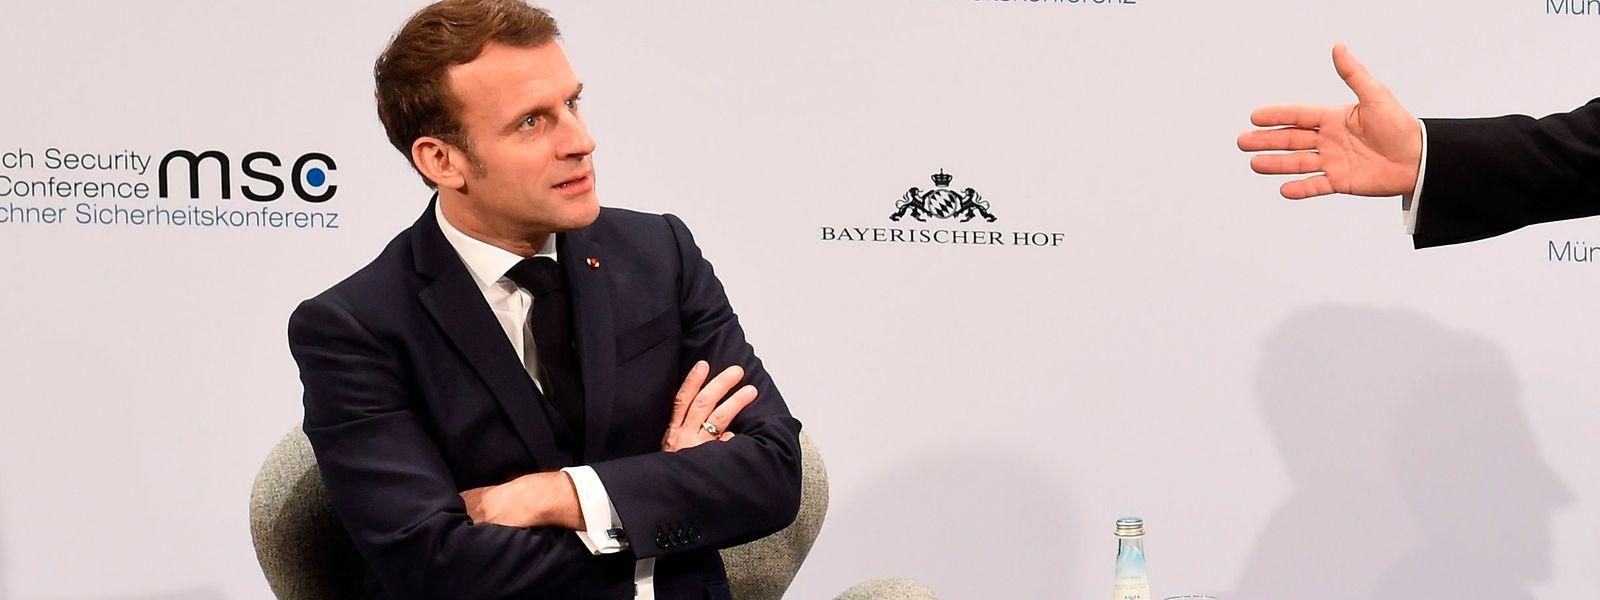 Der französische Präsident Emmanuel Macron zeigt keine Scheu bei den Fragen des Publikums auf der Münchner Sicherheitskonferenz.